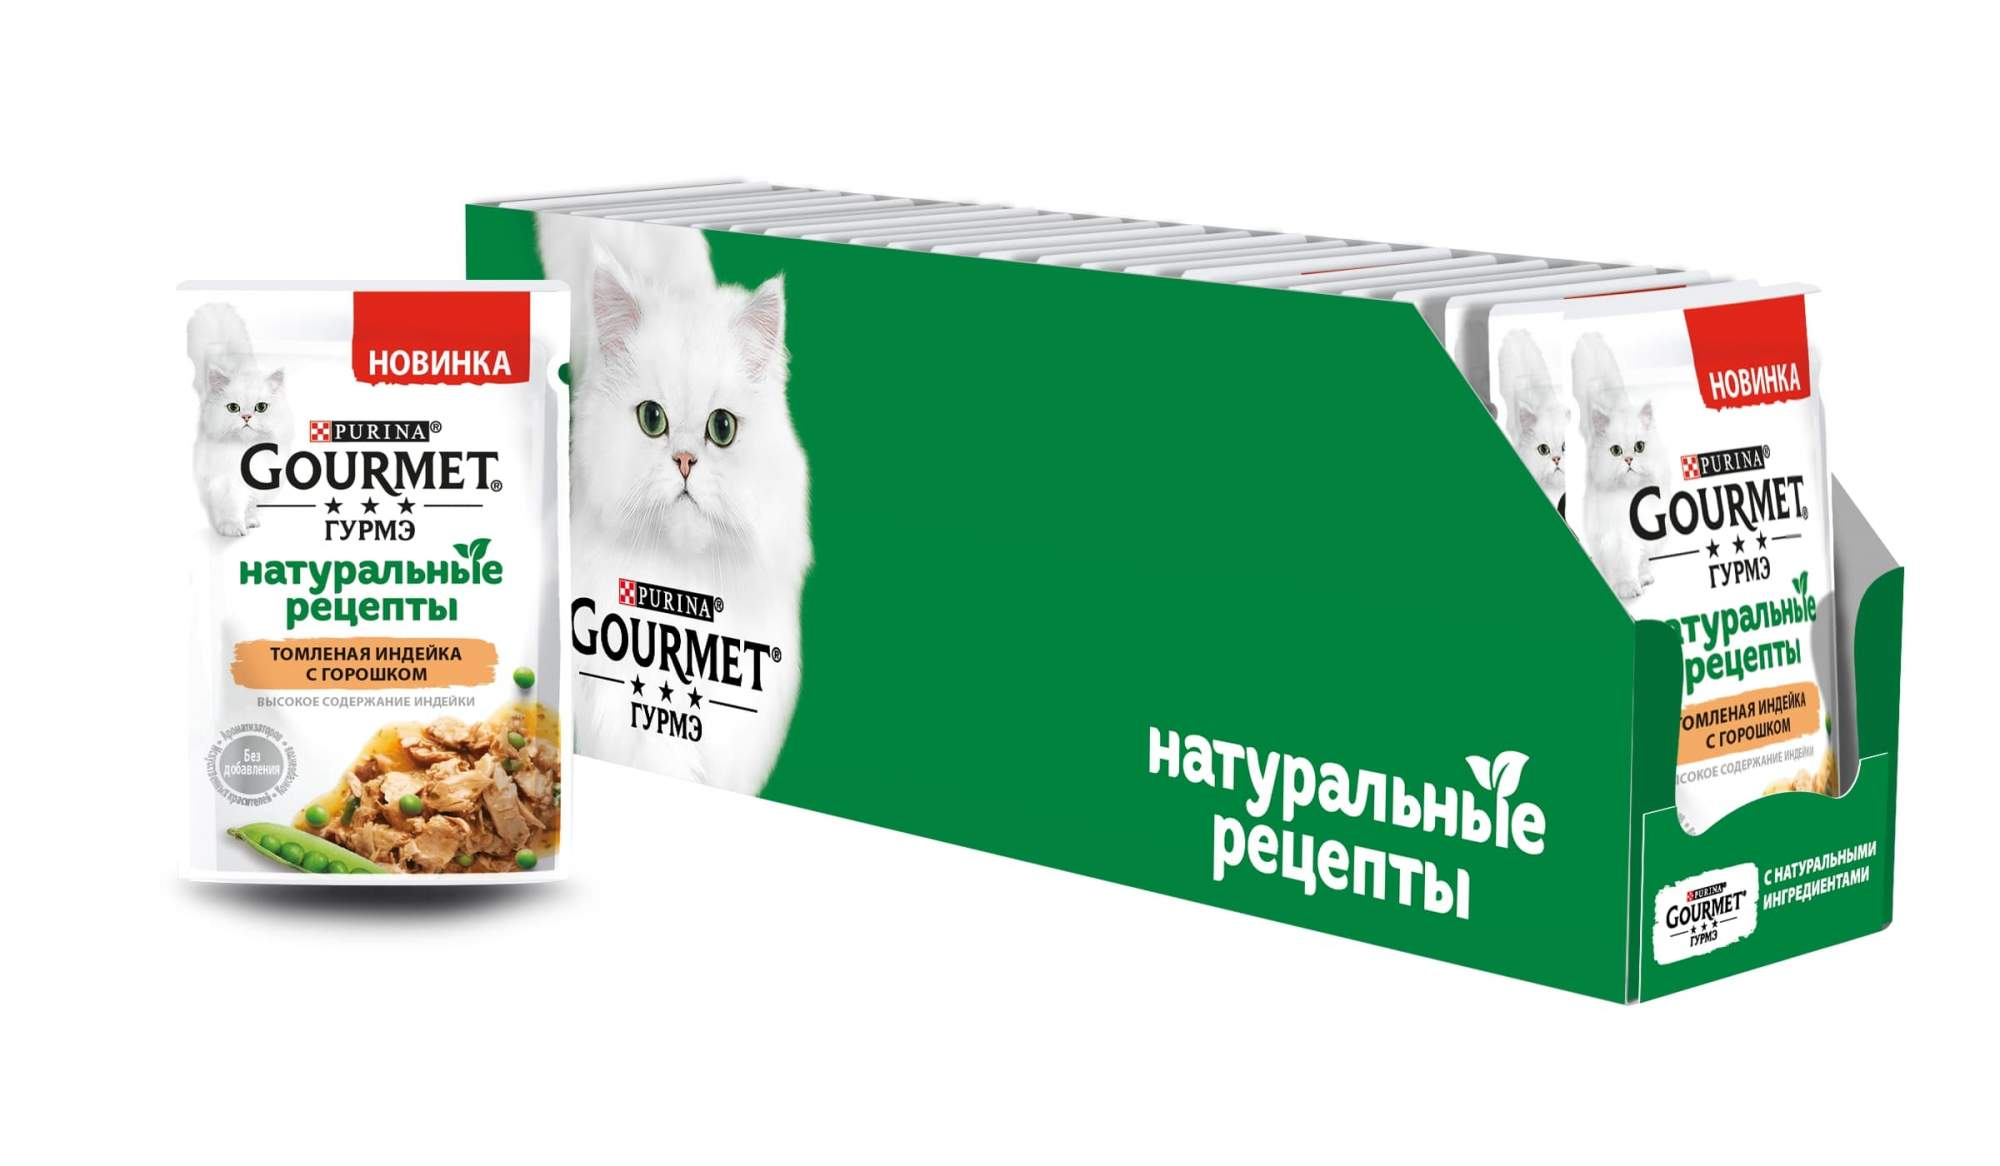 Обзор кошачьего корма gourmet с рекомендациями по кормлению